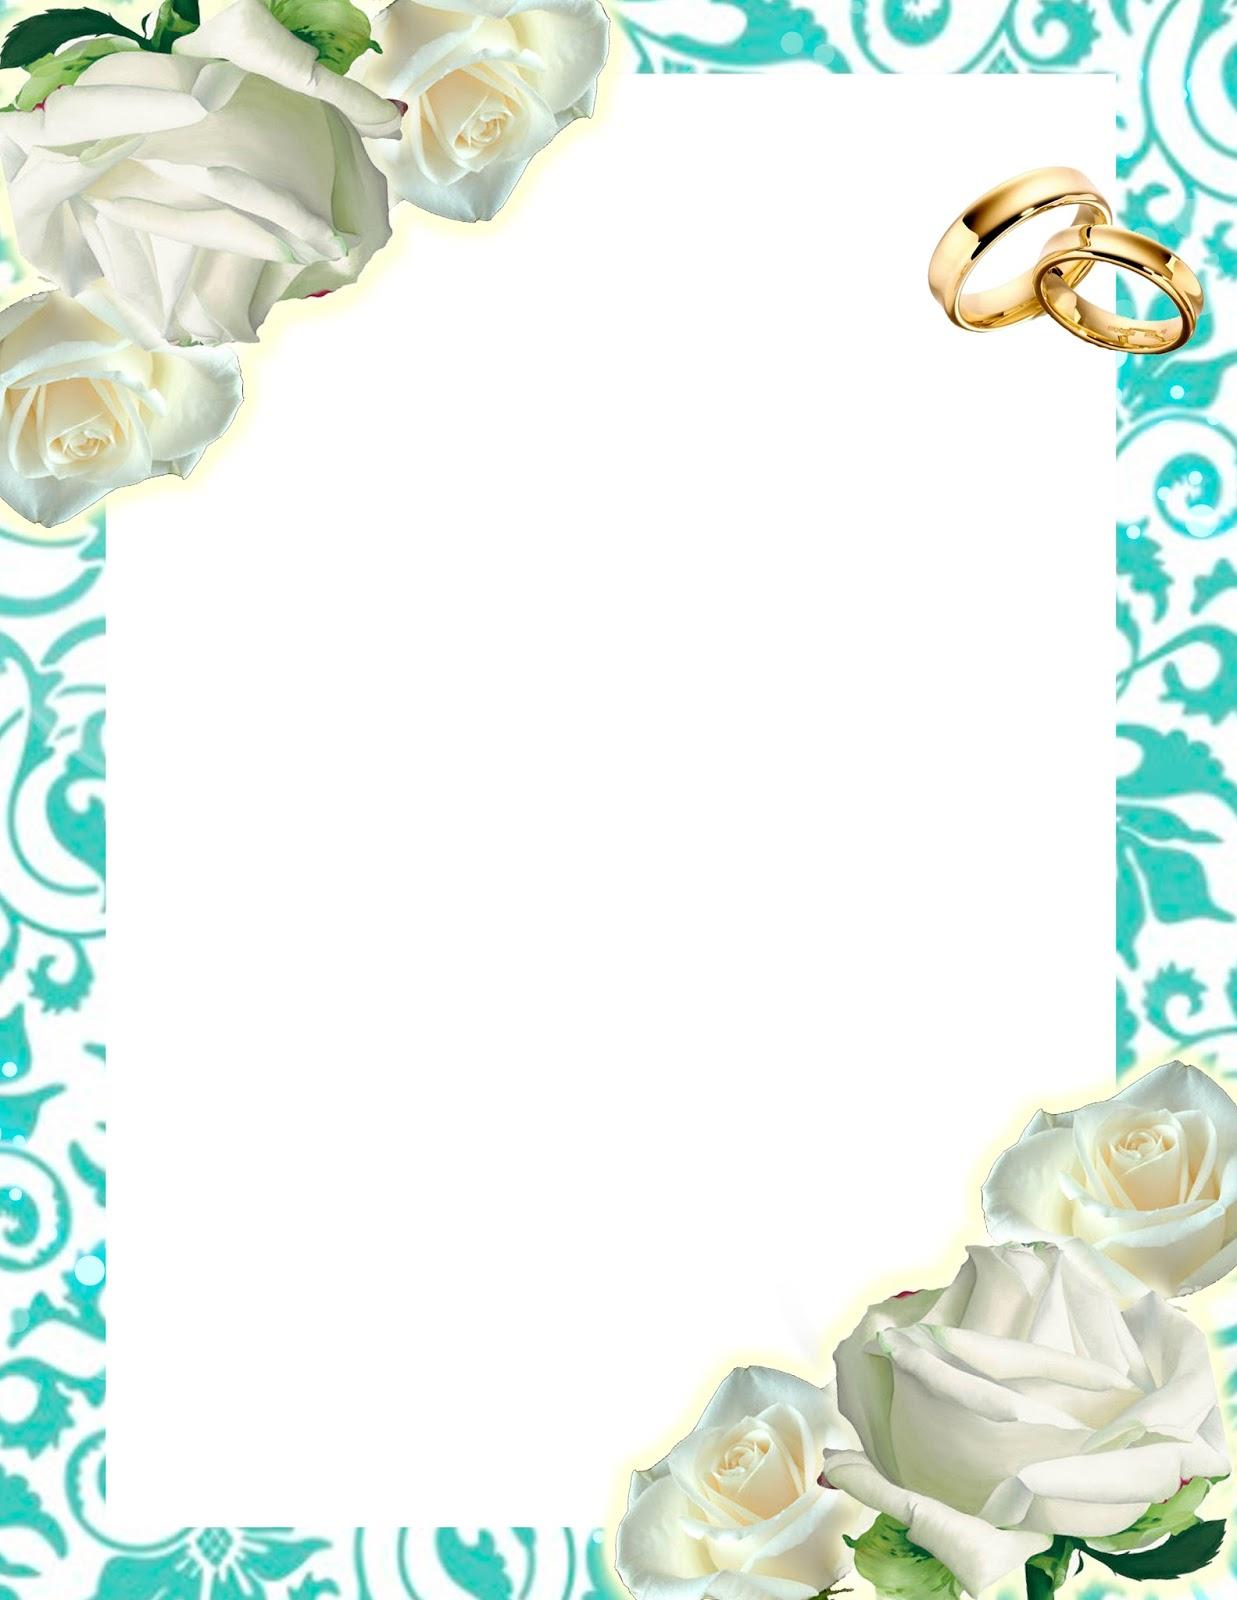 Descarga Gratis! Invitación Turquesa con Rosas Blancas y Anillos ...